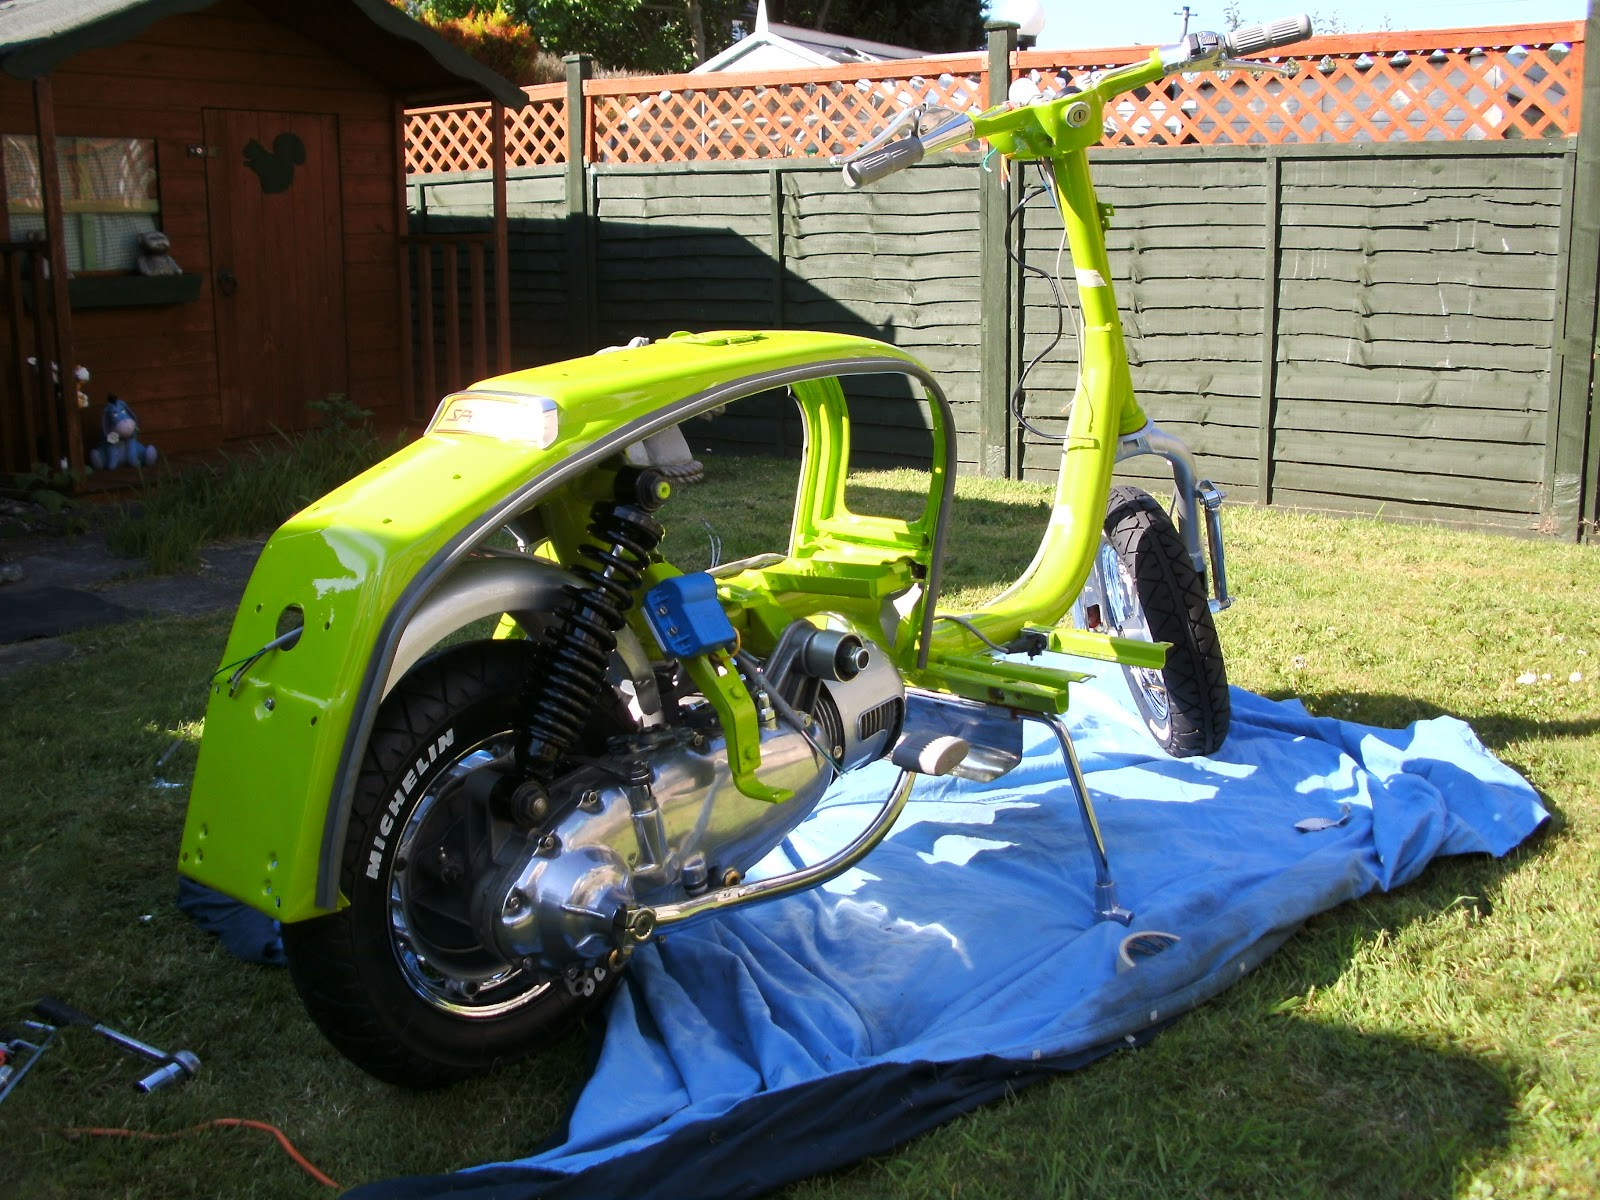 Serveta Lambretta Li 150  Lambretta Engine Goes In